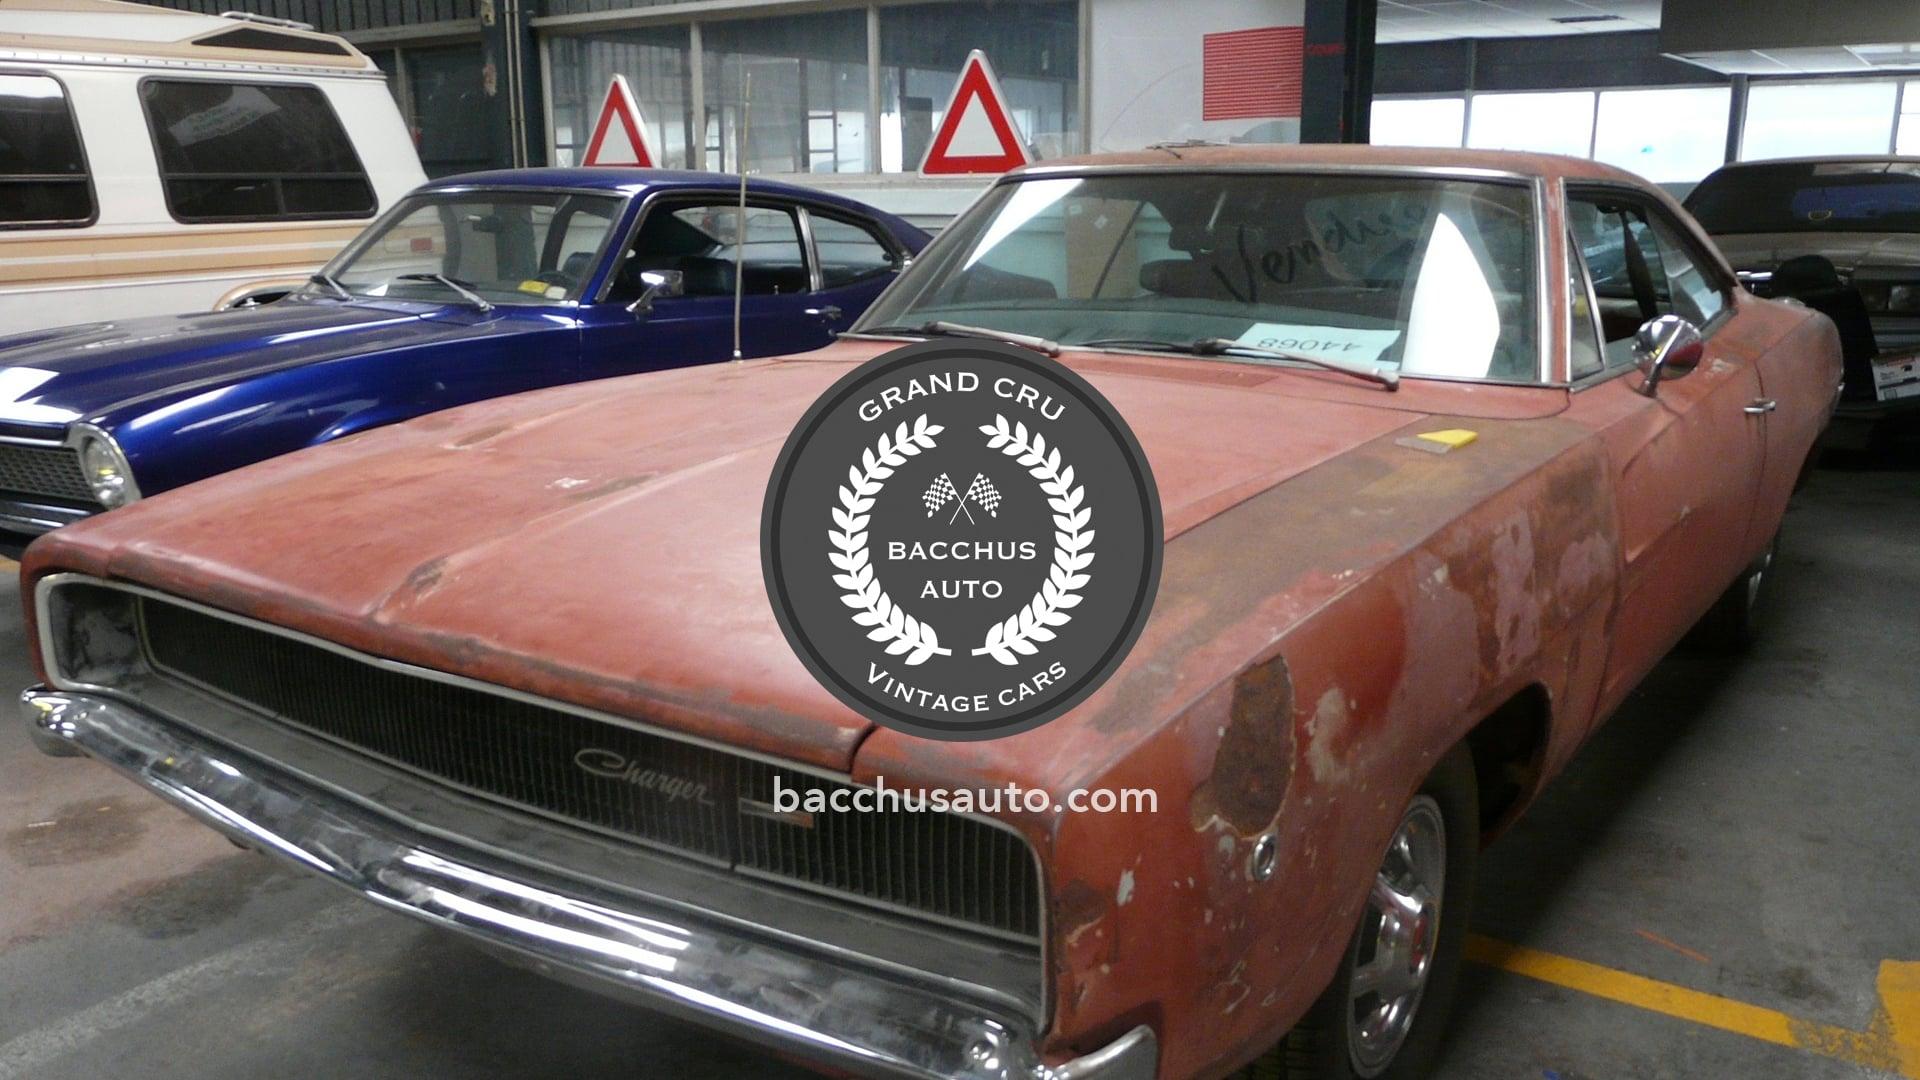 1968 Dodge Charger Project Car Bacchus Auto Vintage Cars